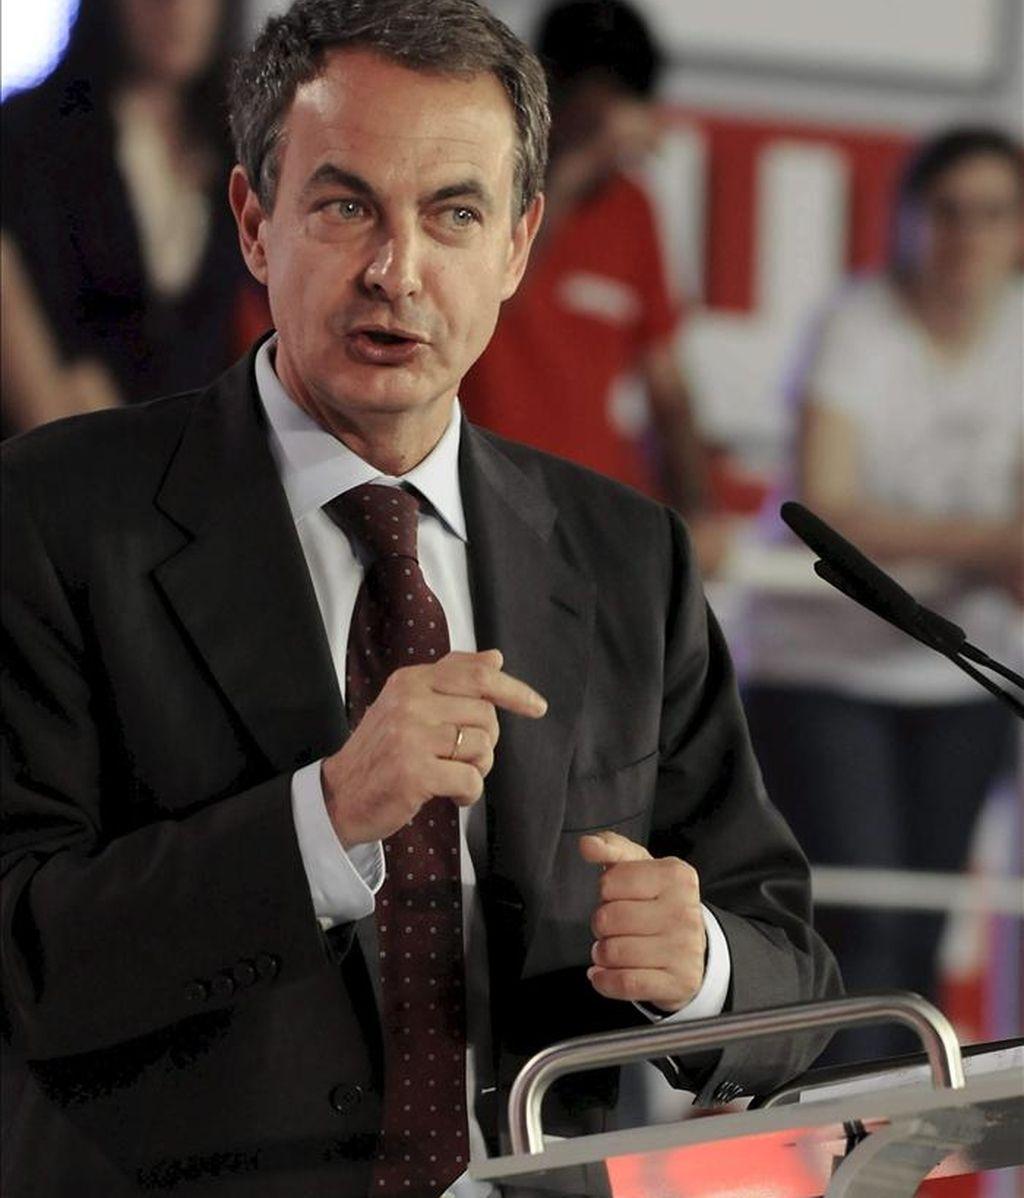 El presidente del Gobierno y secretario general del PSOE, José Luis Rodríguez Zapatero, durante su participación en el primer mitin de campaña para las elecciones municipales y autonómicas que se ha celebrado en León. EFE